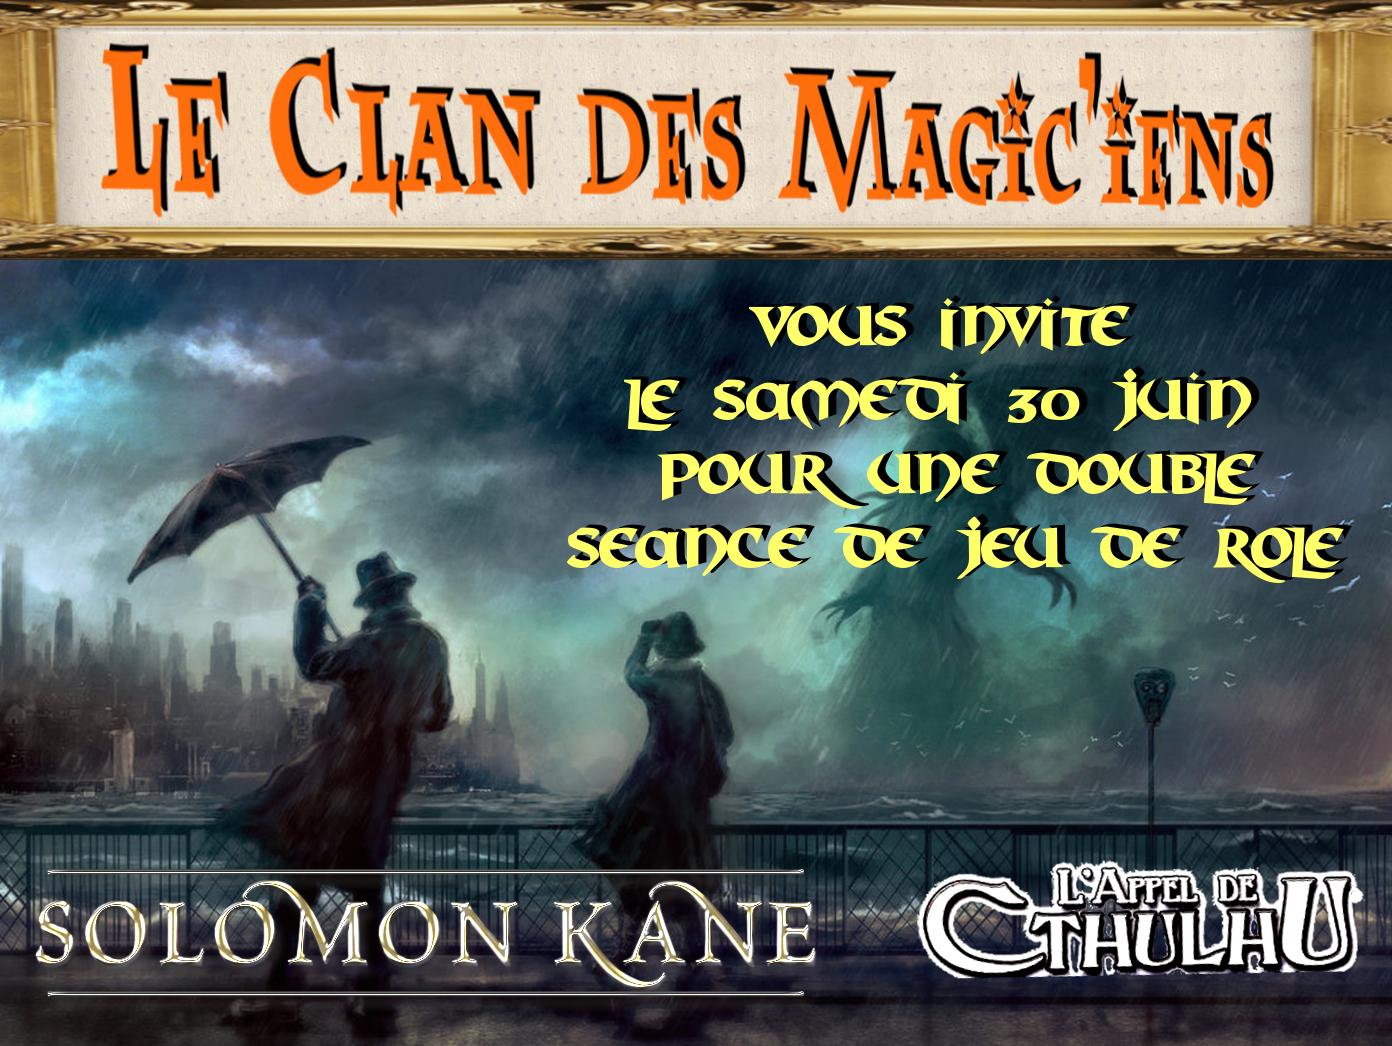 Samedi 30 Juin : Jeux de rôle à partir de 14 h (Solomon Kane et Cthulhu) QpNk8